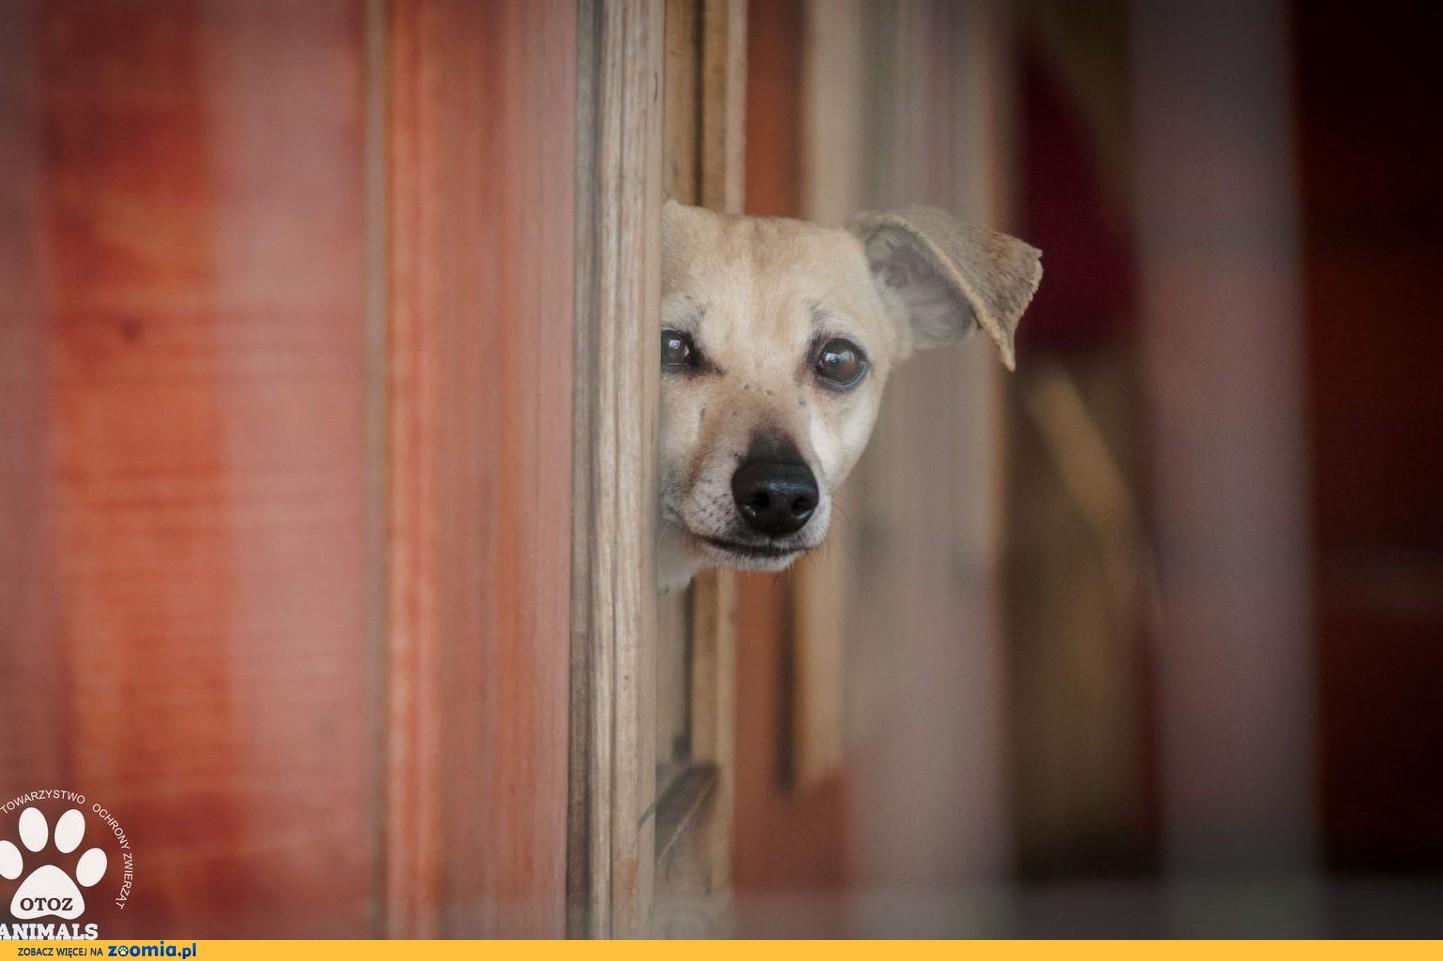 OTOZ Animals - Hela - przerażona jamnikowata suczka z wielkim strachem